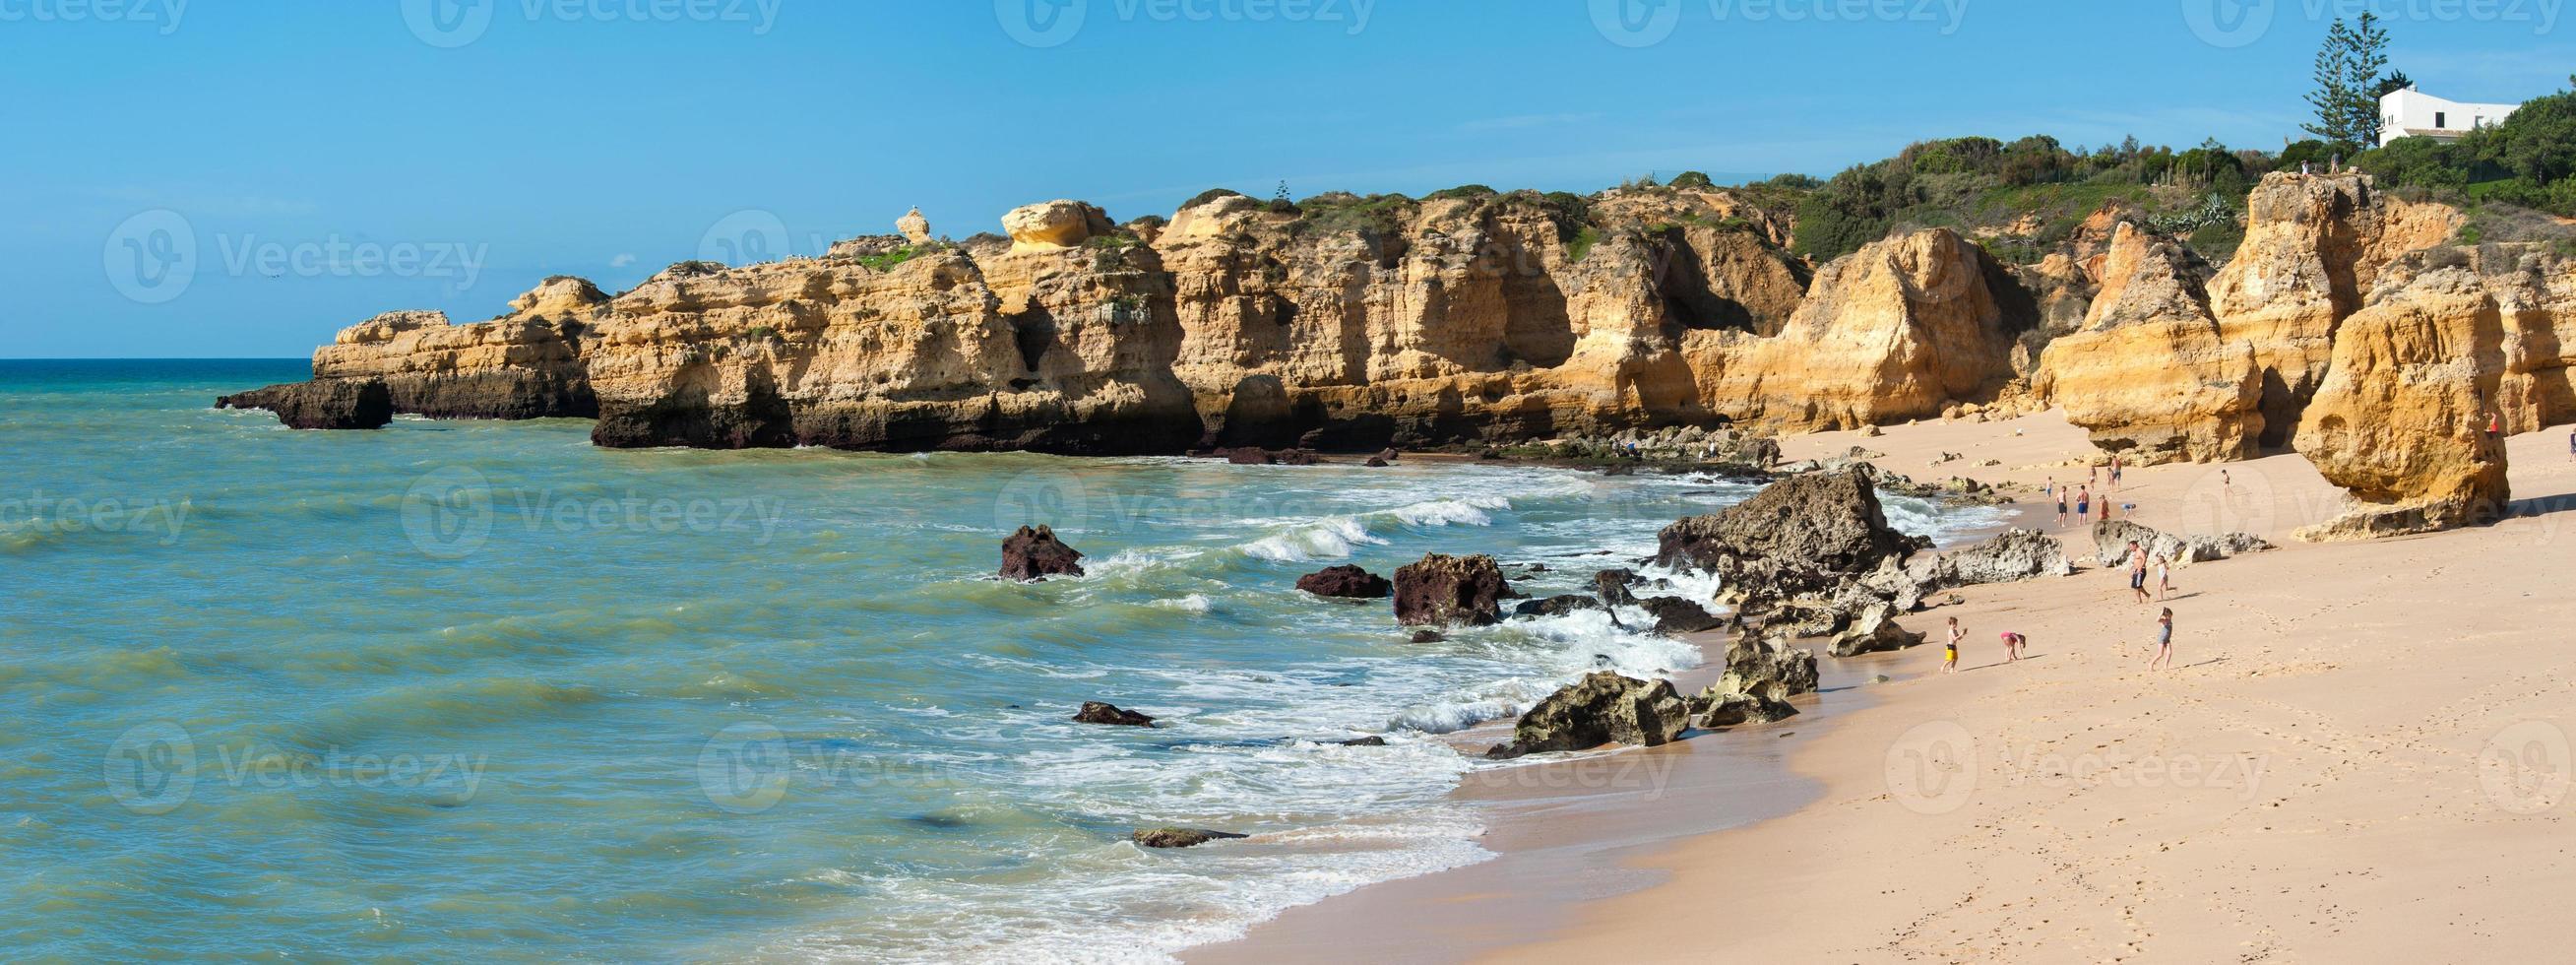 praia de sao rafael, algarve, portogallo foto